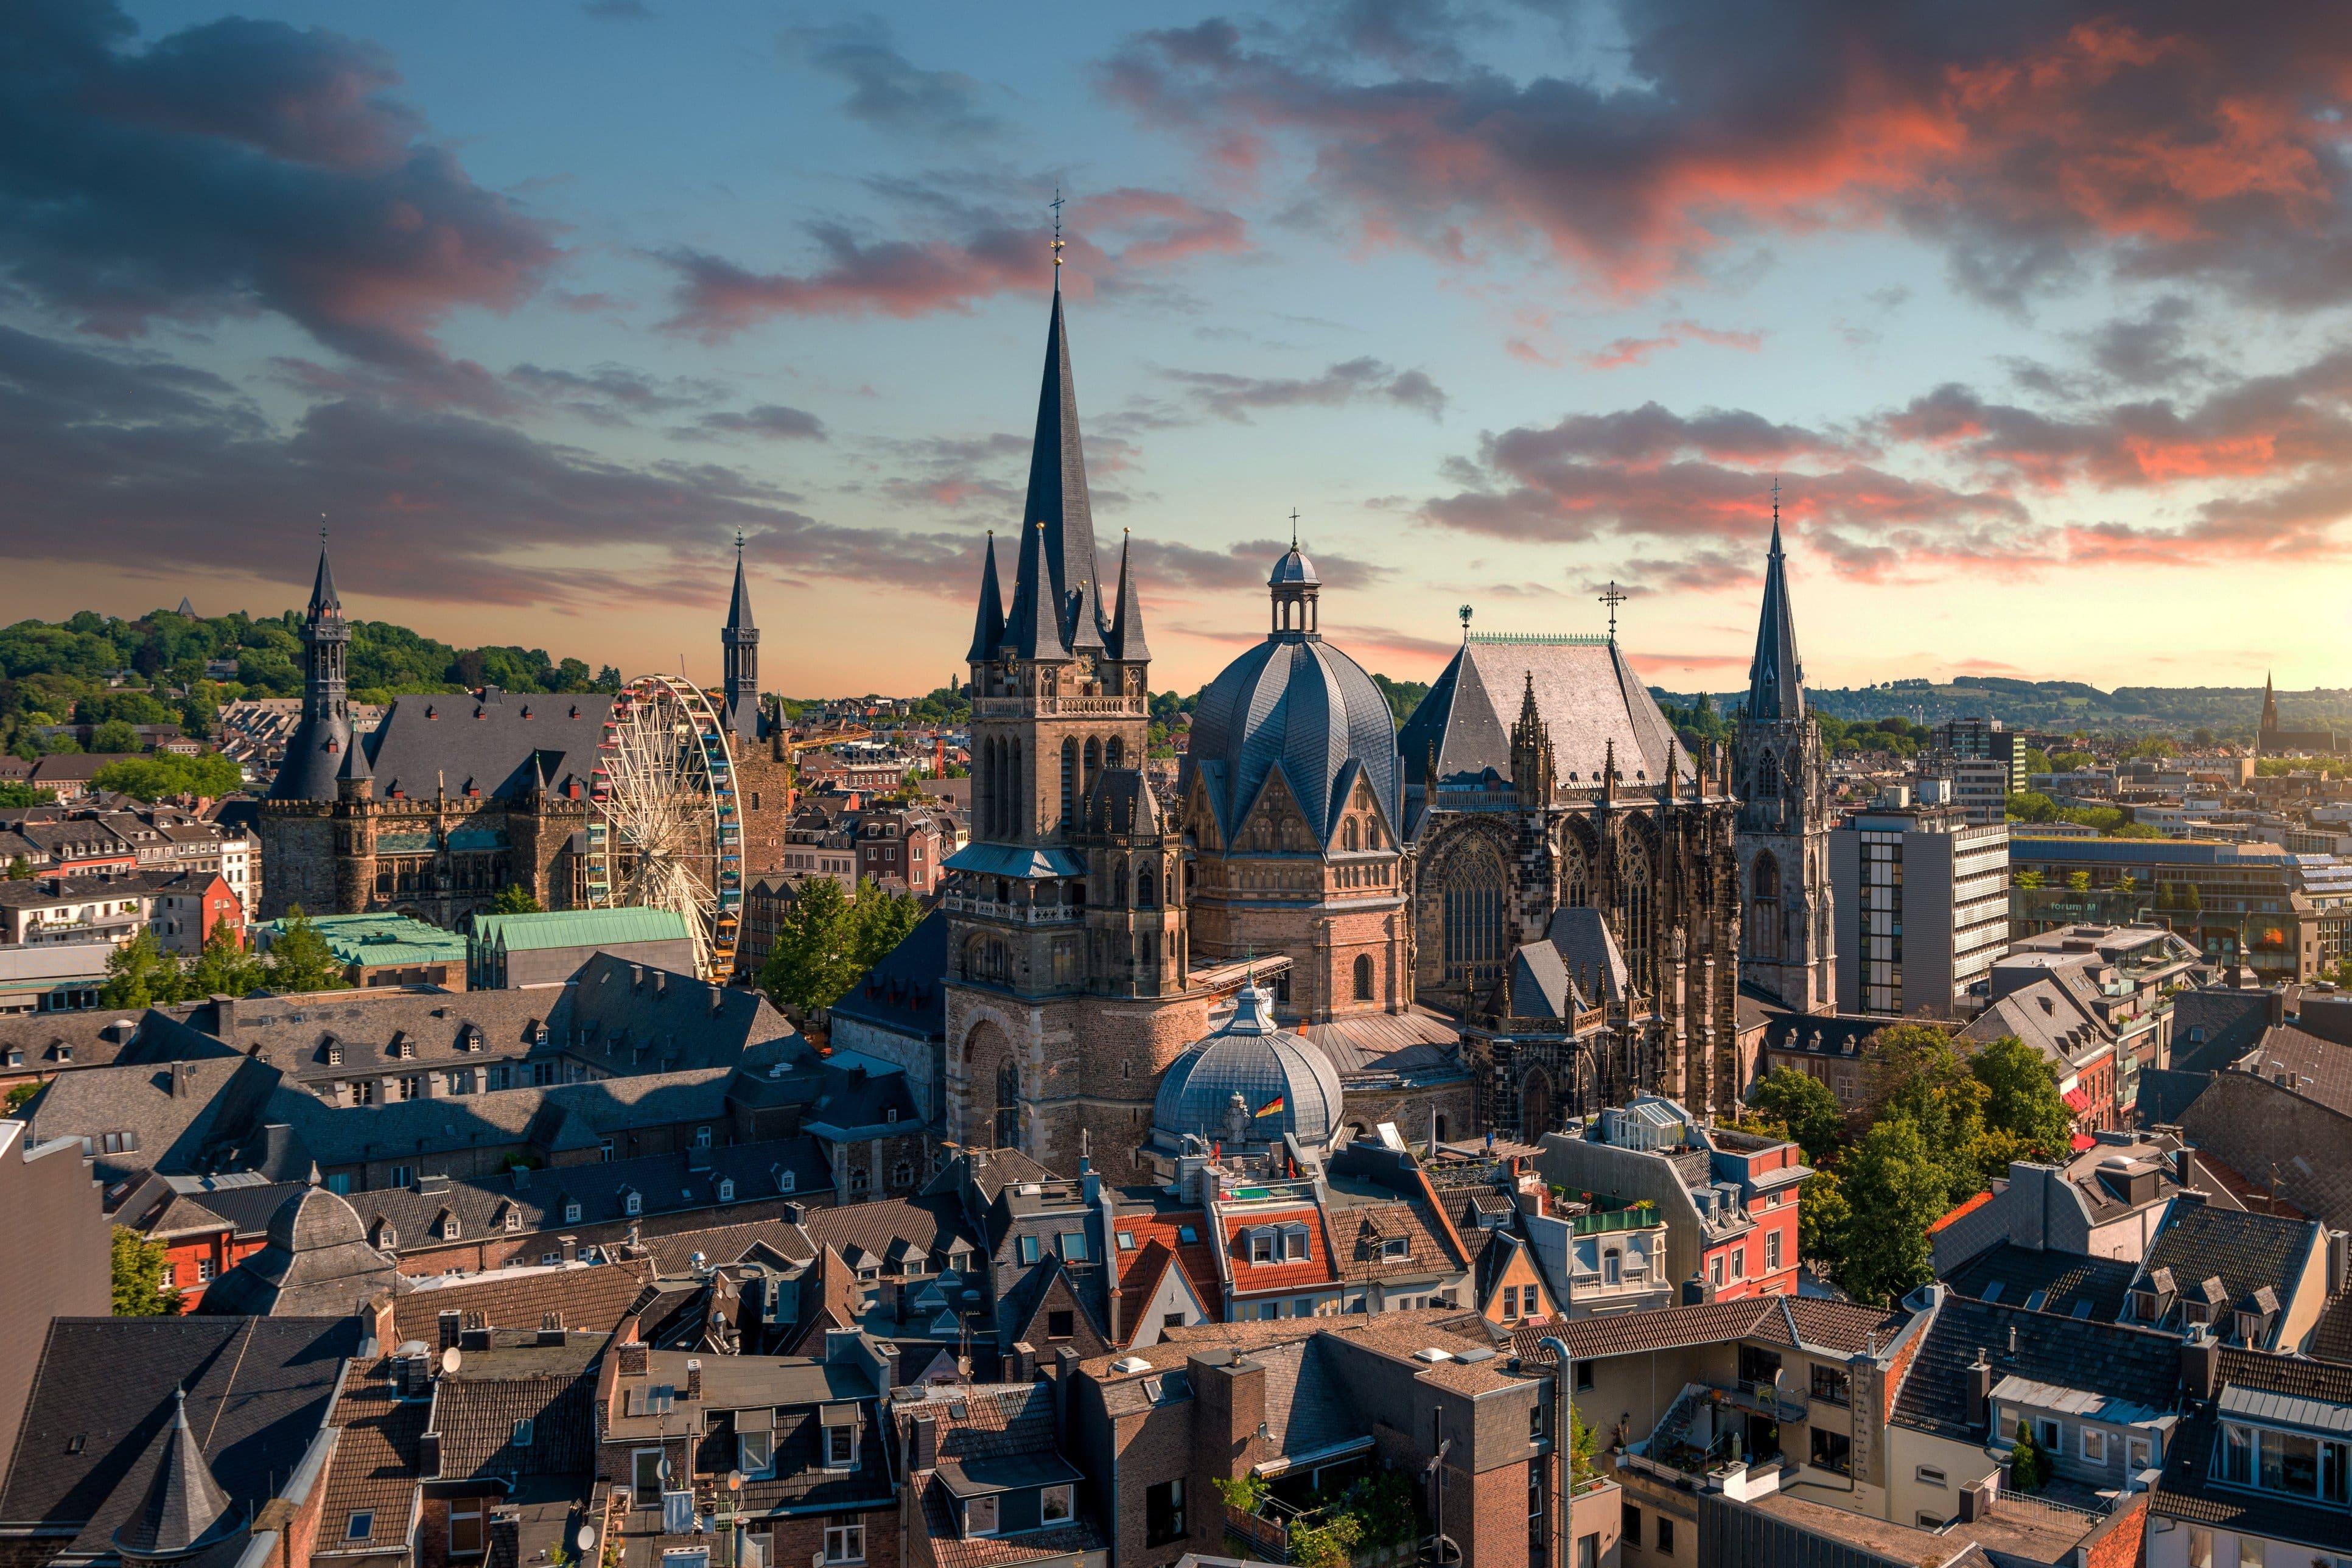 Die Kaiserstadt Aachen. Hier wurde Petermachtpause gegründet